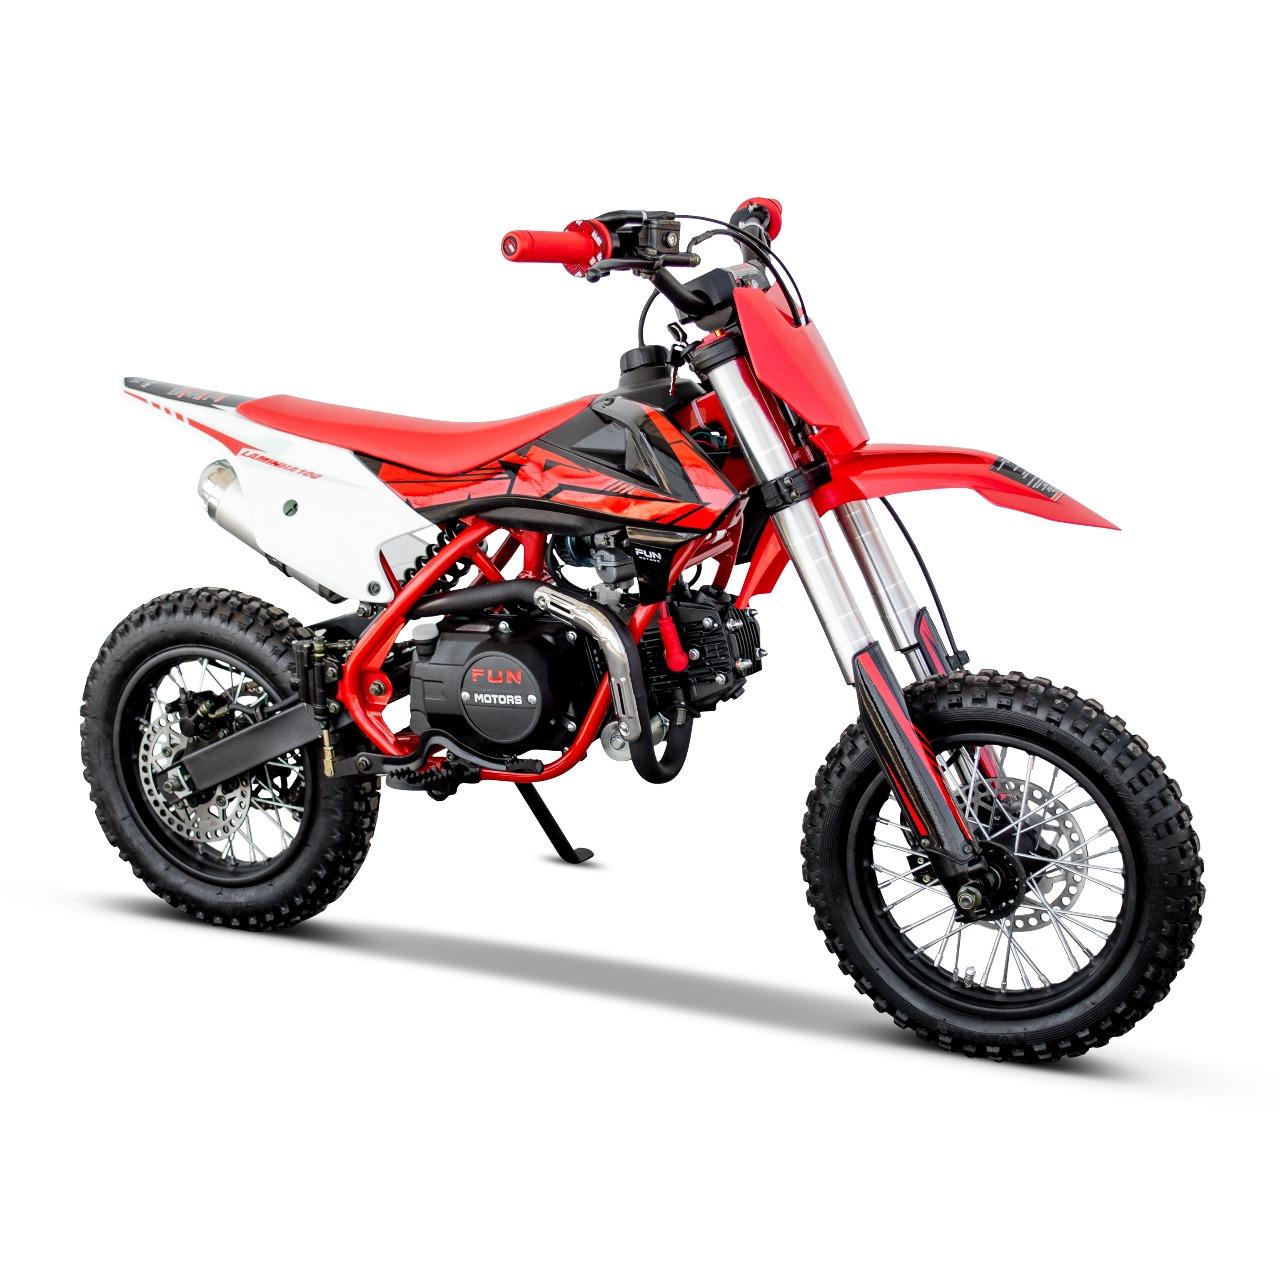 Jota Mini Motos Mini Moto Cross Laminha 100cc 4 Tempos Frete